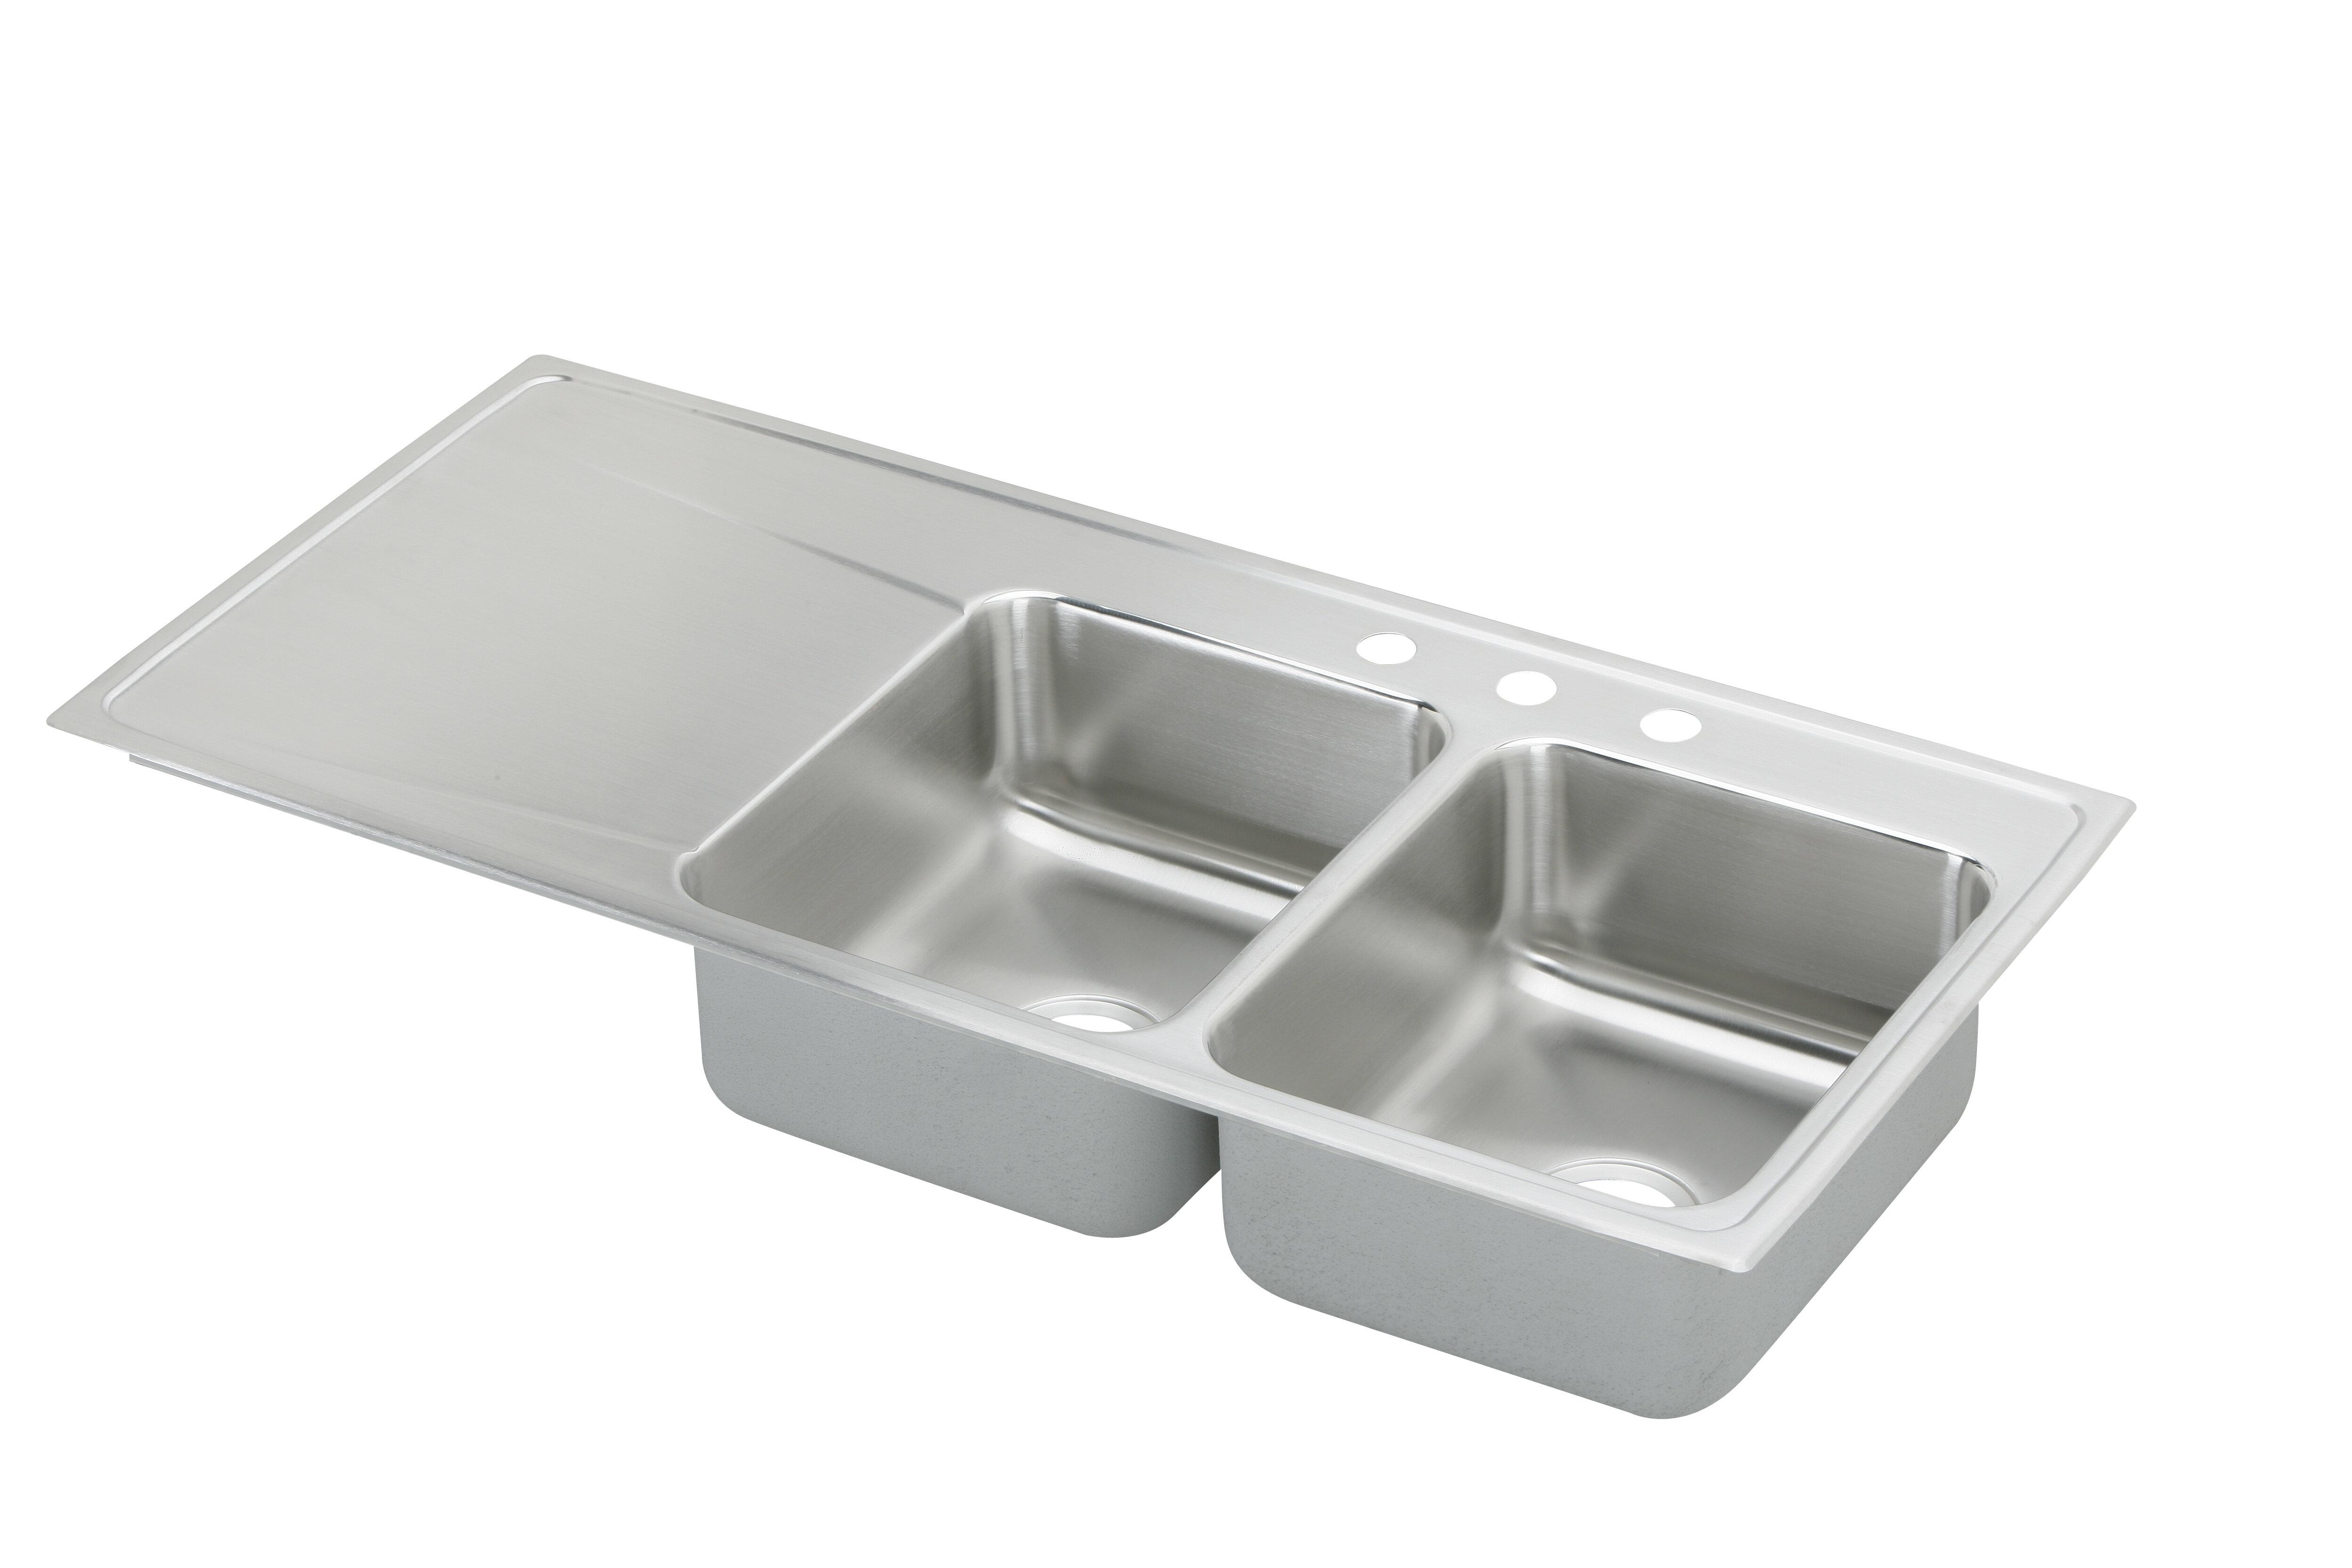 Elkay Lustertone 48 L X 22 W Double Basin Drop In Kitchen Sink With Drainboard Wayfair